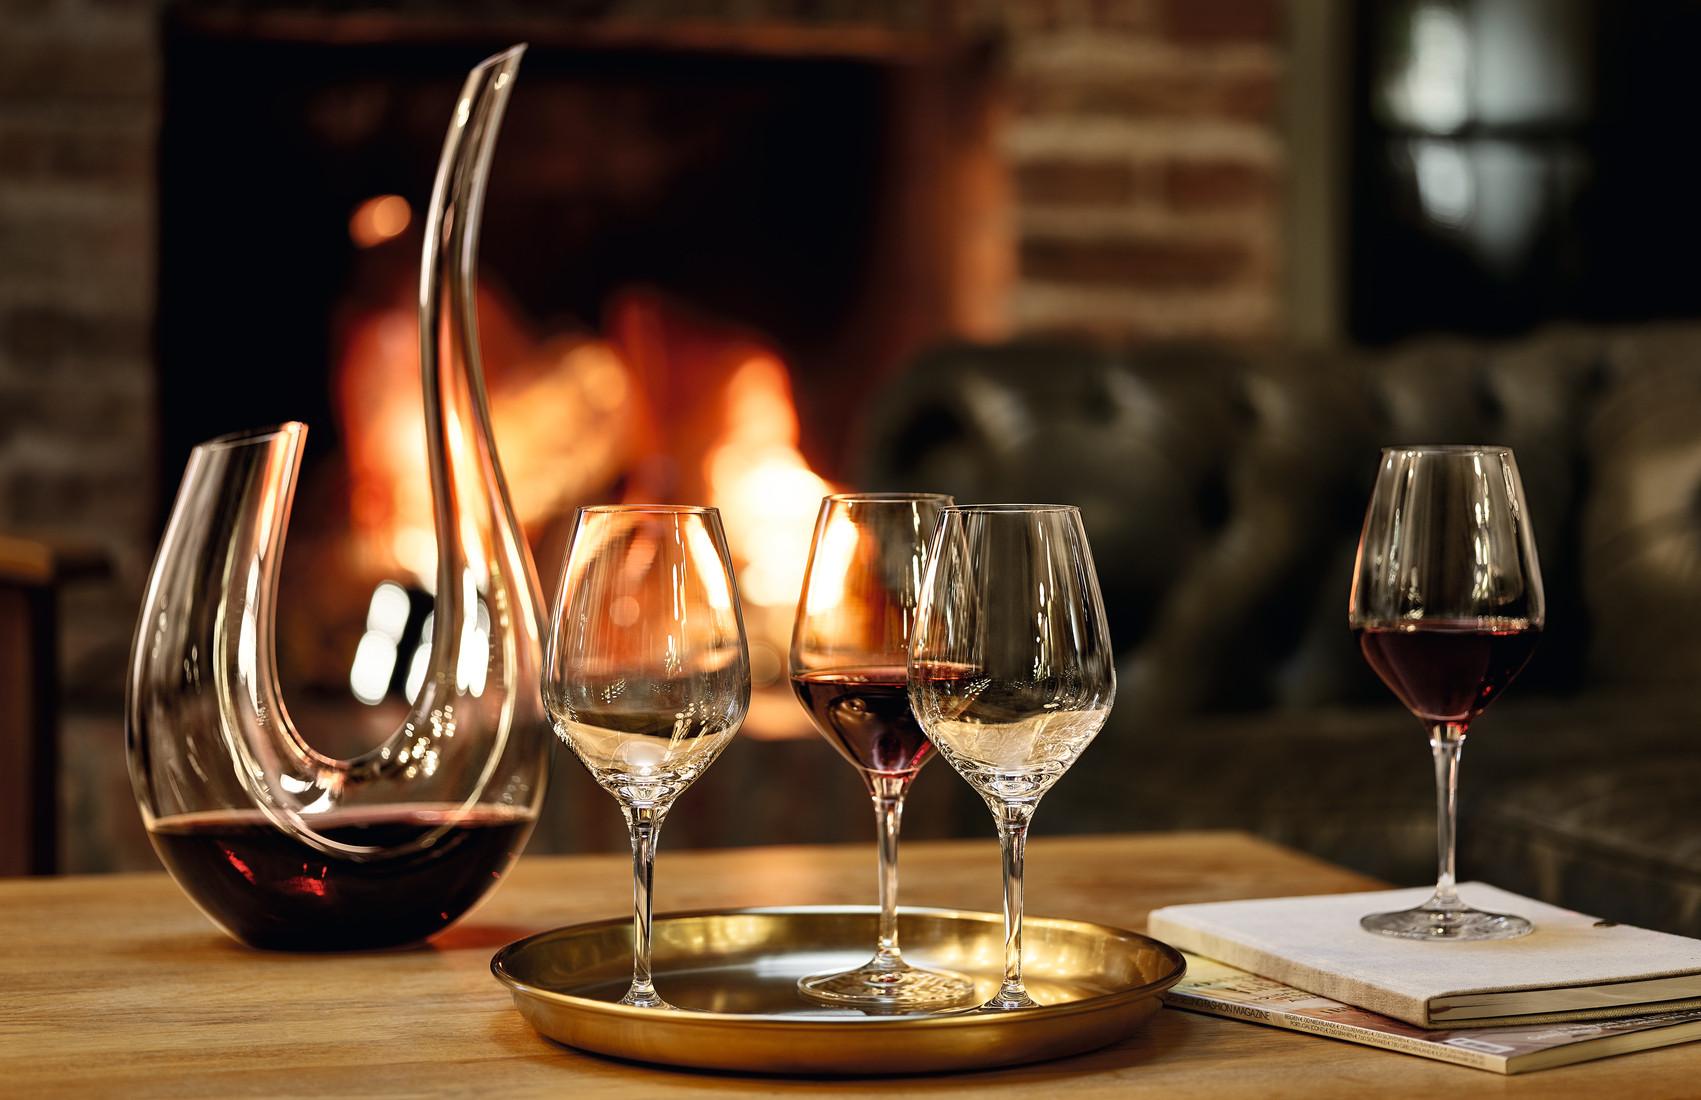 Verres à vin en cristal Spiegelau